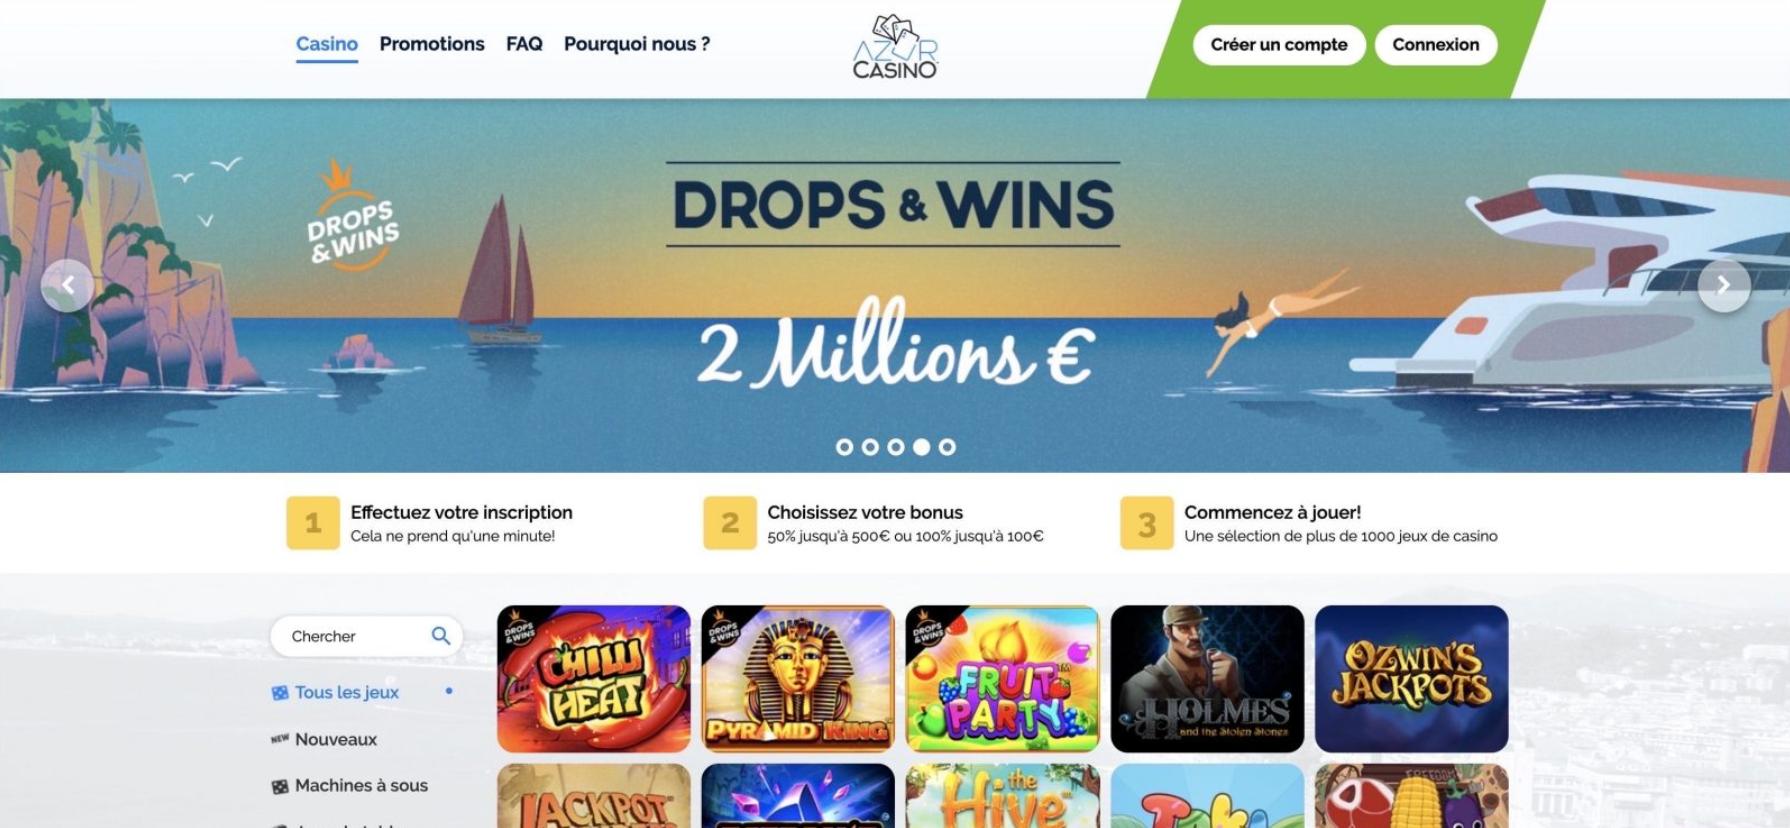 azur casino 2020